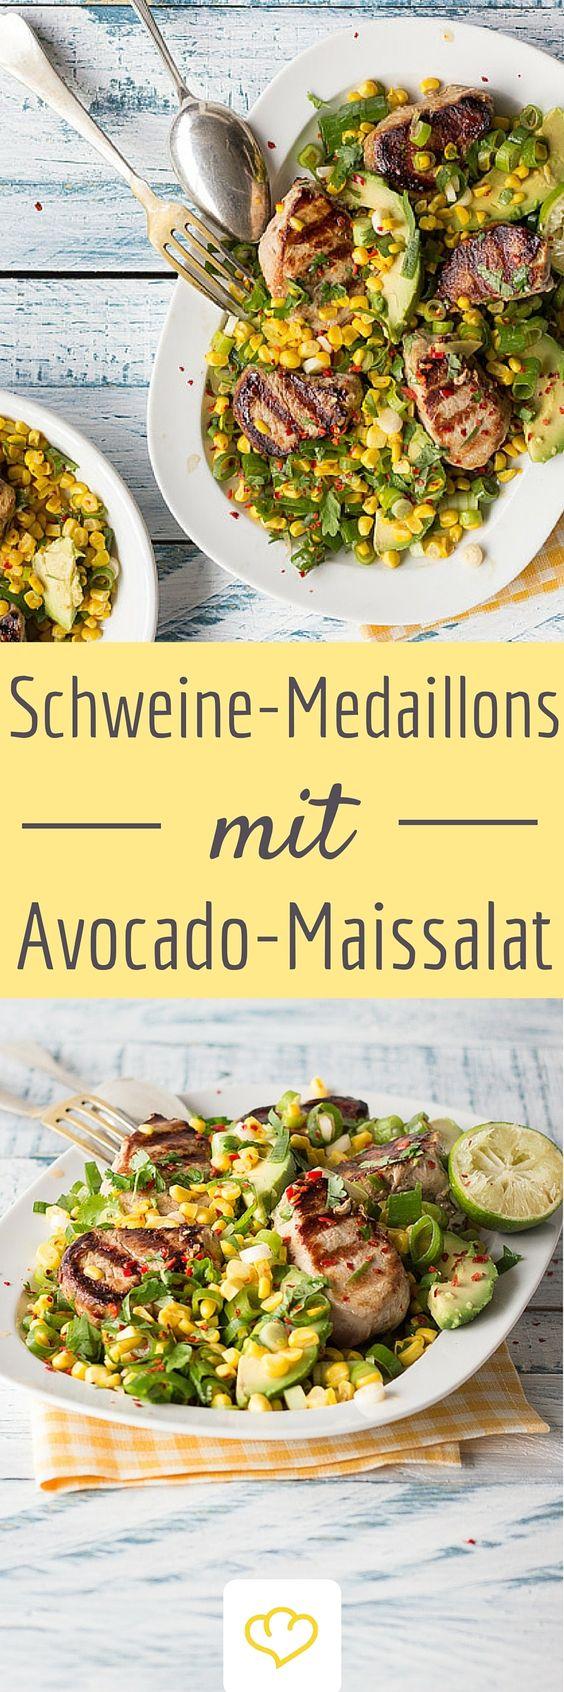 Schweinemedaillons mit Avocado-Mais-Salat - Dieses Gericht ist Sommer pur!  Dazu setzen Koriander und Limette erfrischende Akzente.